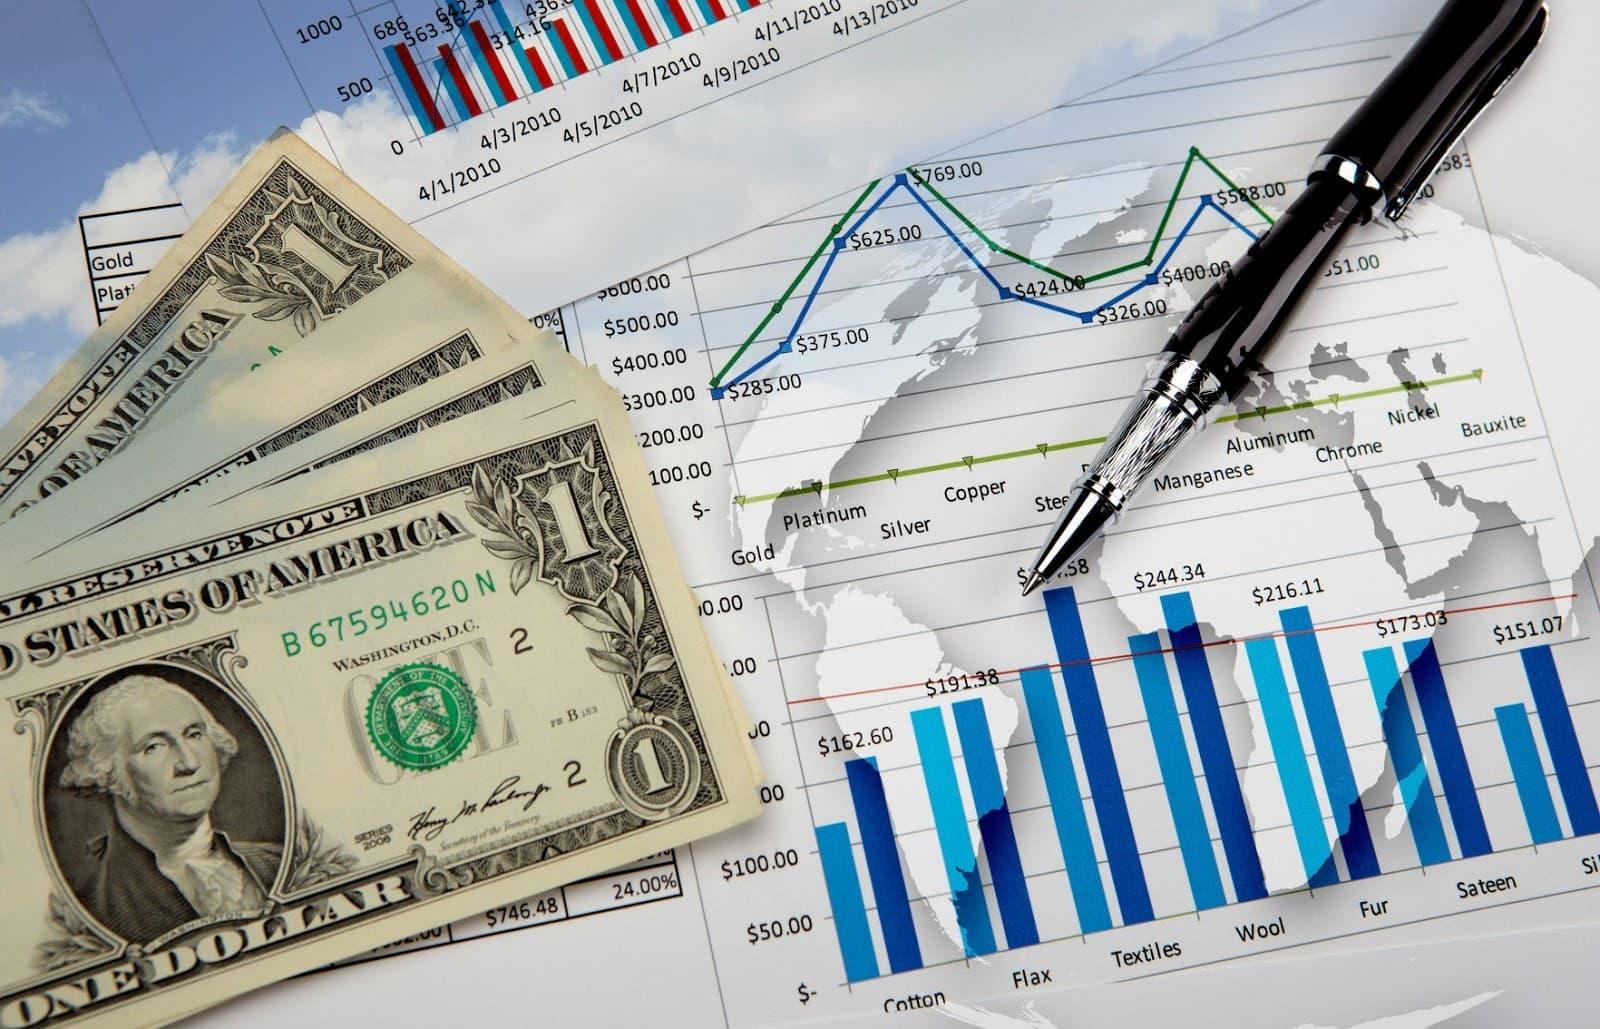 Кт о может инвестировать на бирже ценных бумаг